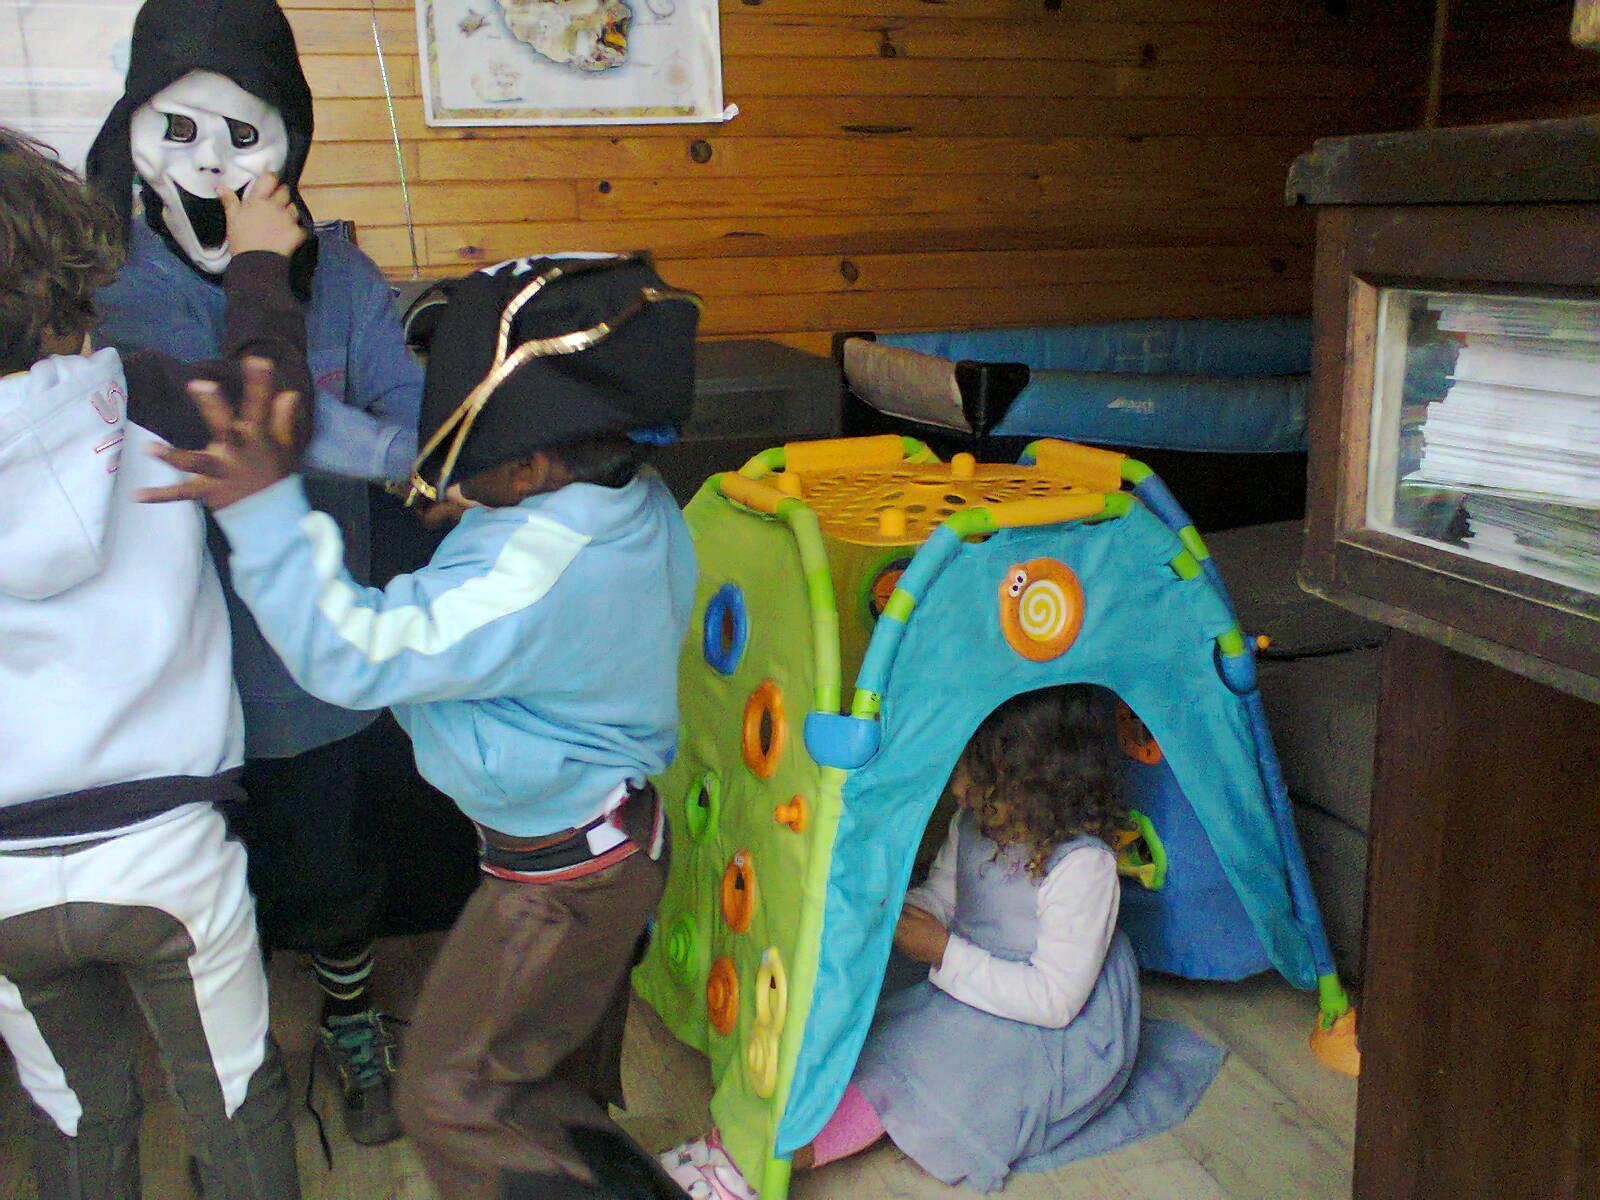 dans le chalet, sous la tente, je me cache !!!